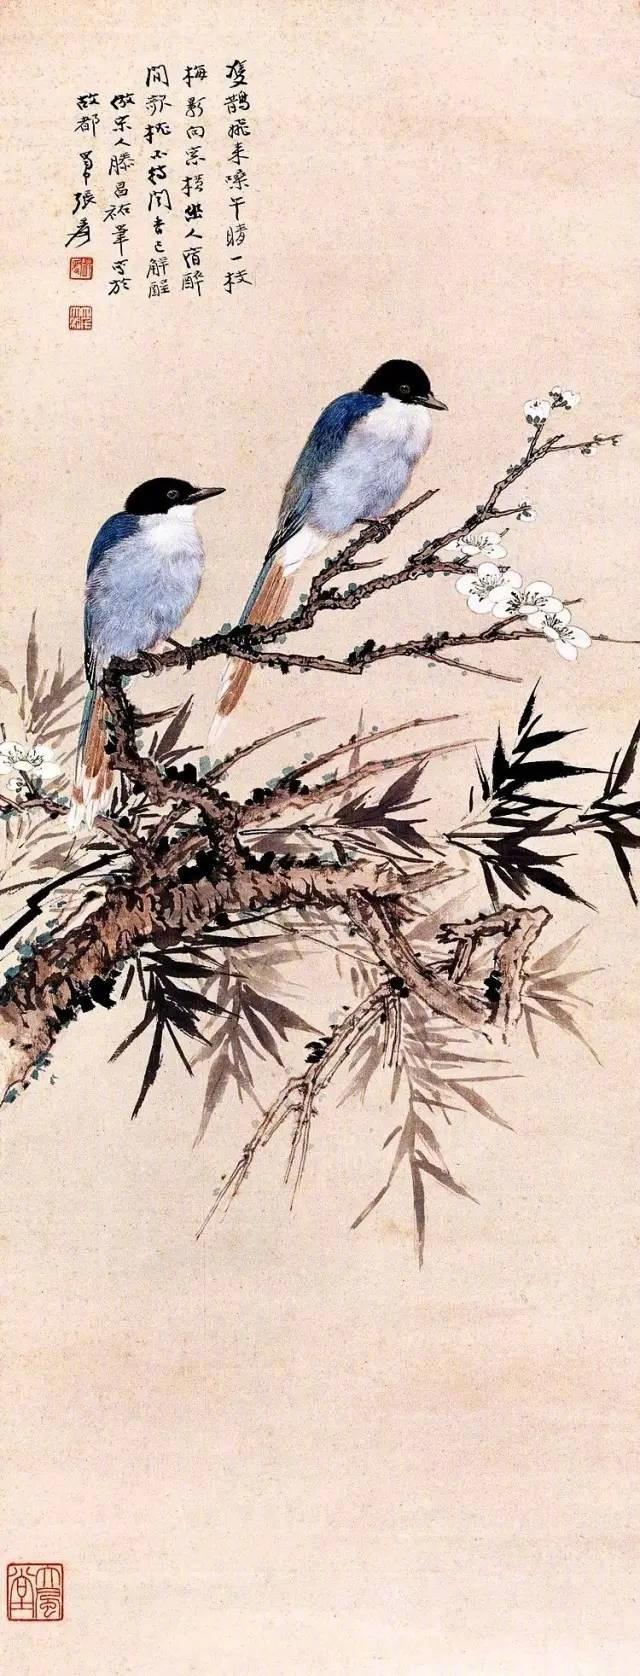 张大千所绘花鸟、走兽,早年主要师法陈淳、徐渭、石涛和八大山人